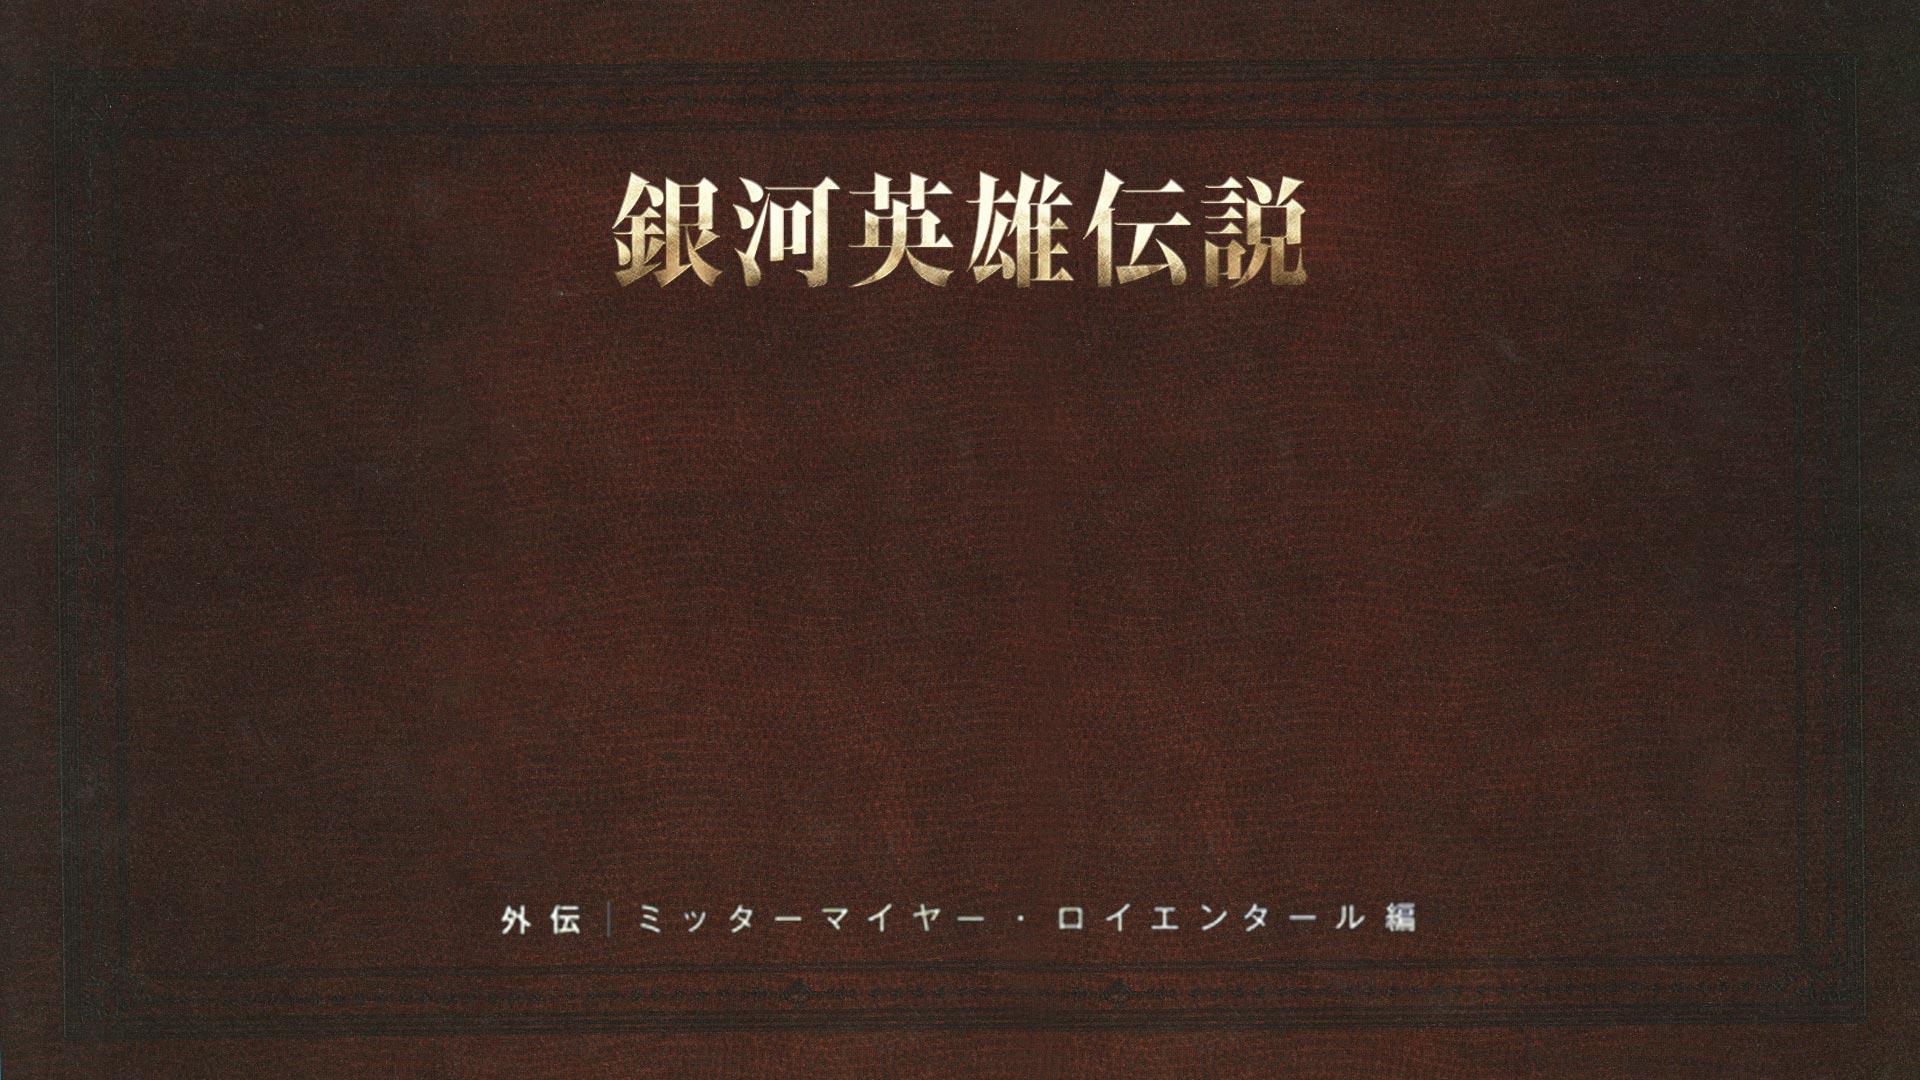 銀河英雄伝説 外伝 ミッターマイヤー・ロイエンタール篇